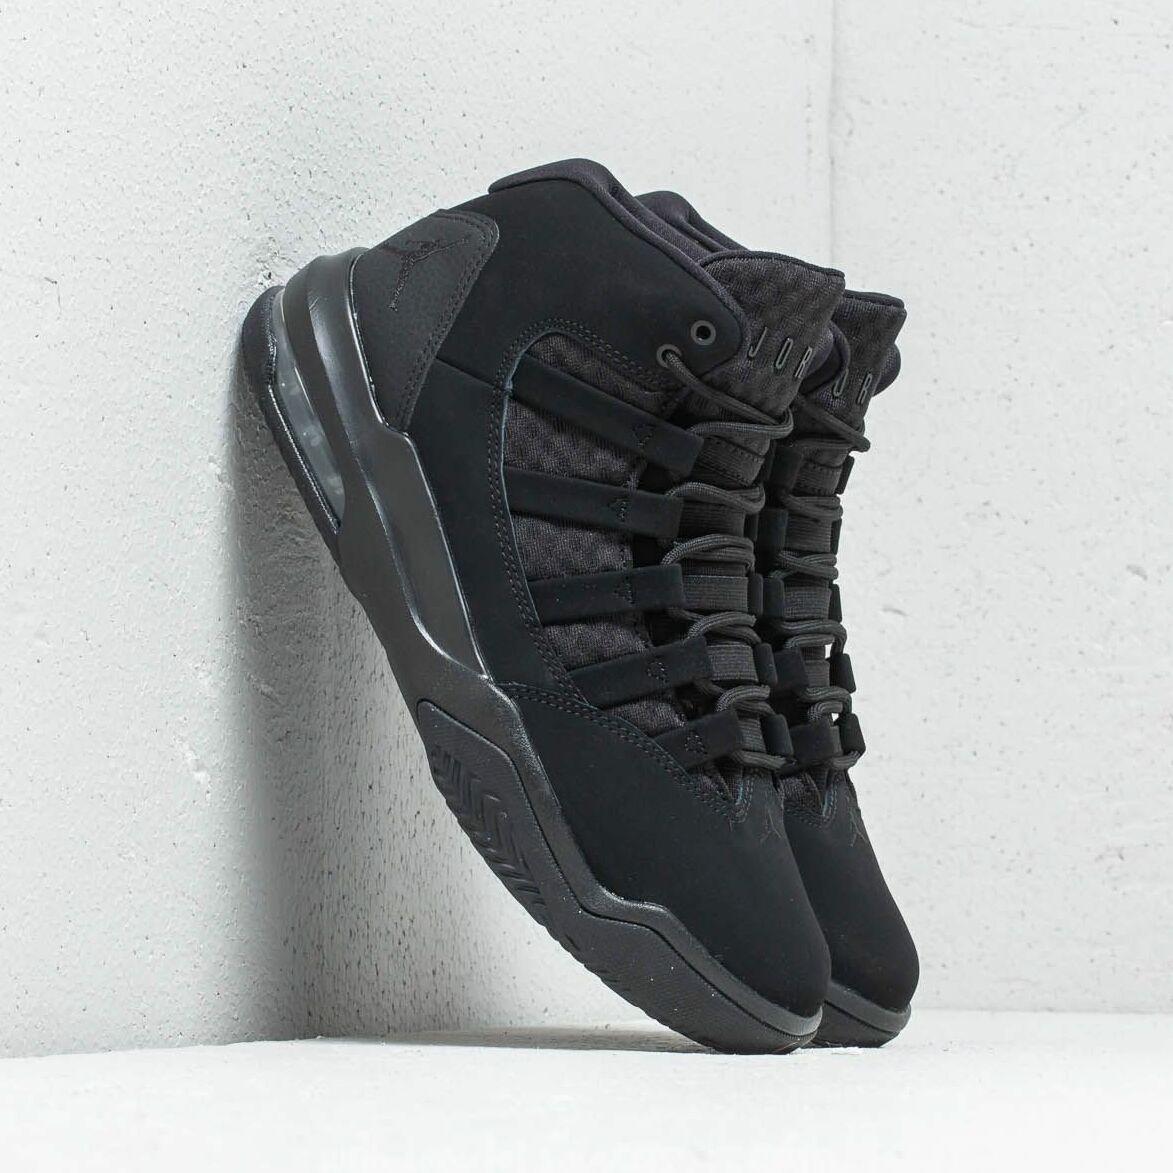 Jordan Max Aura Black/ Black EUR 47.5